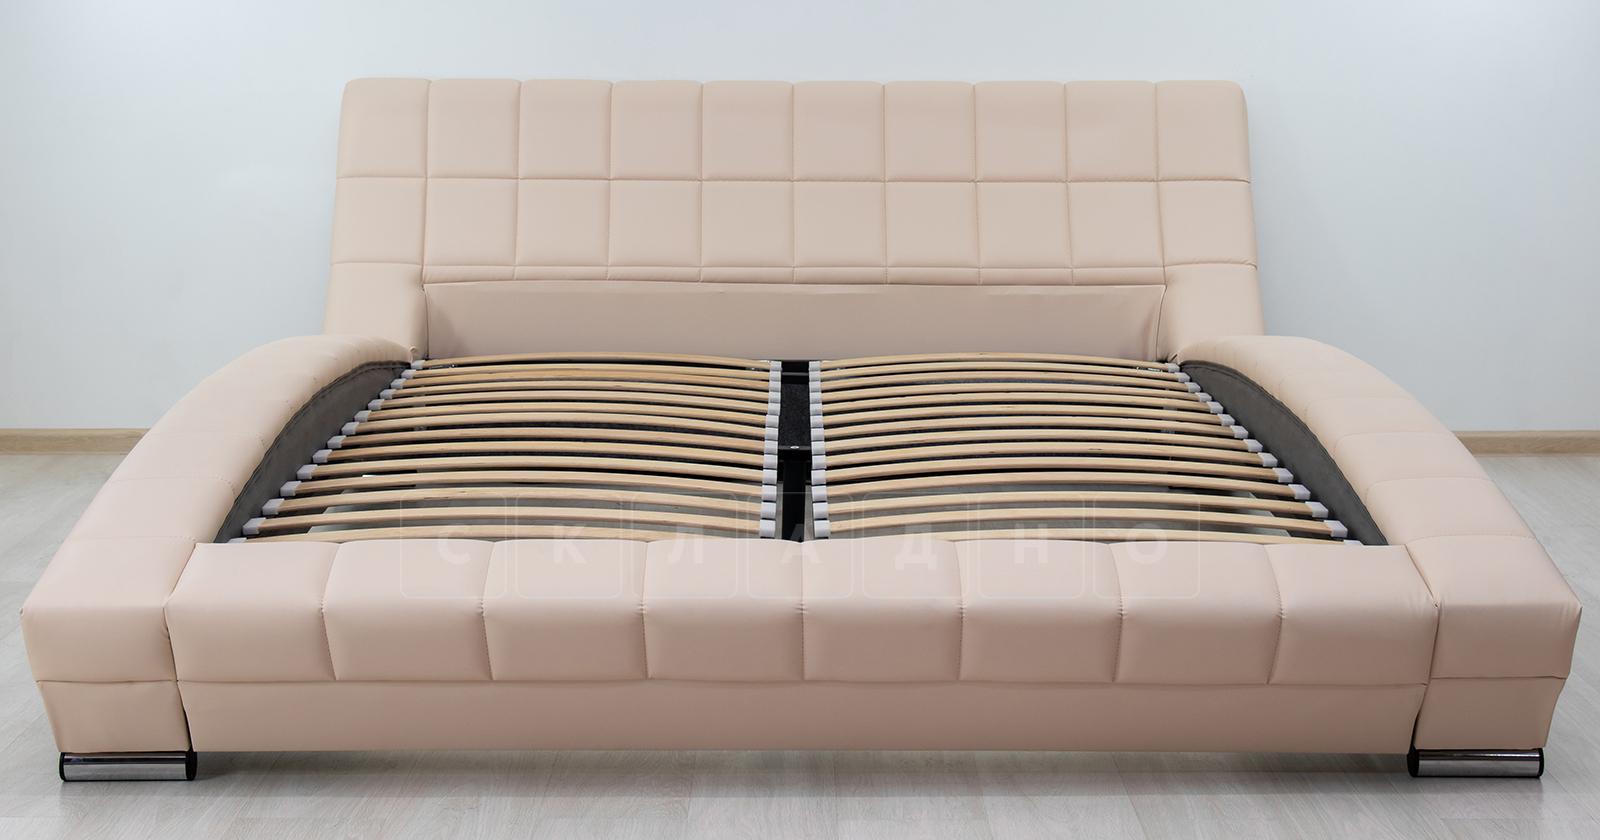 Мягкая кровать Оливия 160 см экокожа бежевый фото 3   интернет-магазин Складно